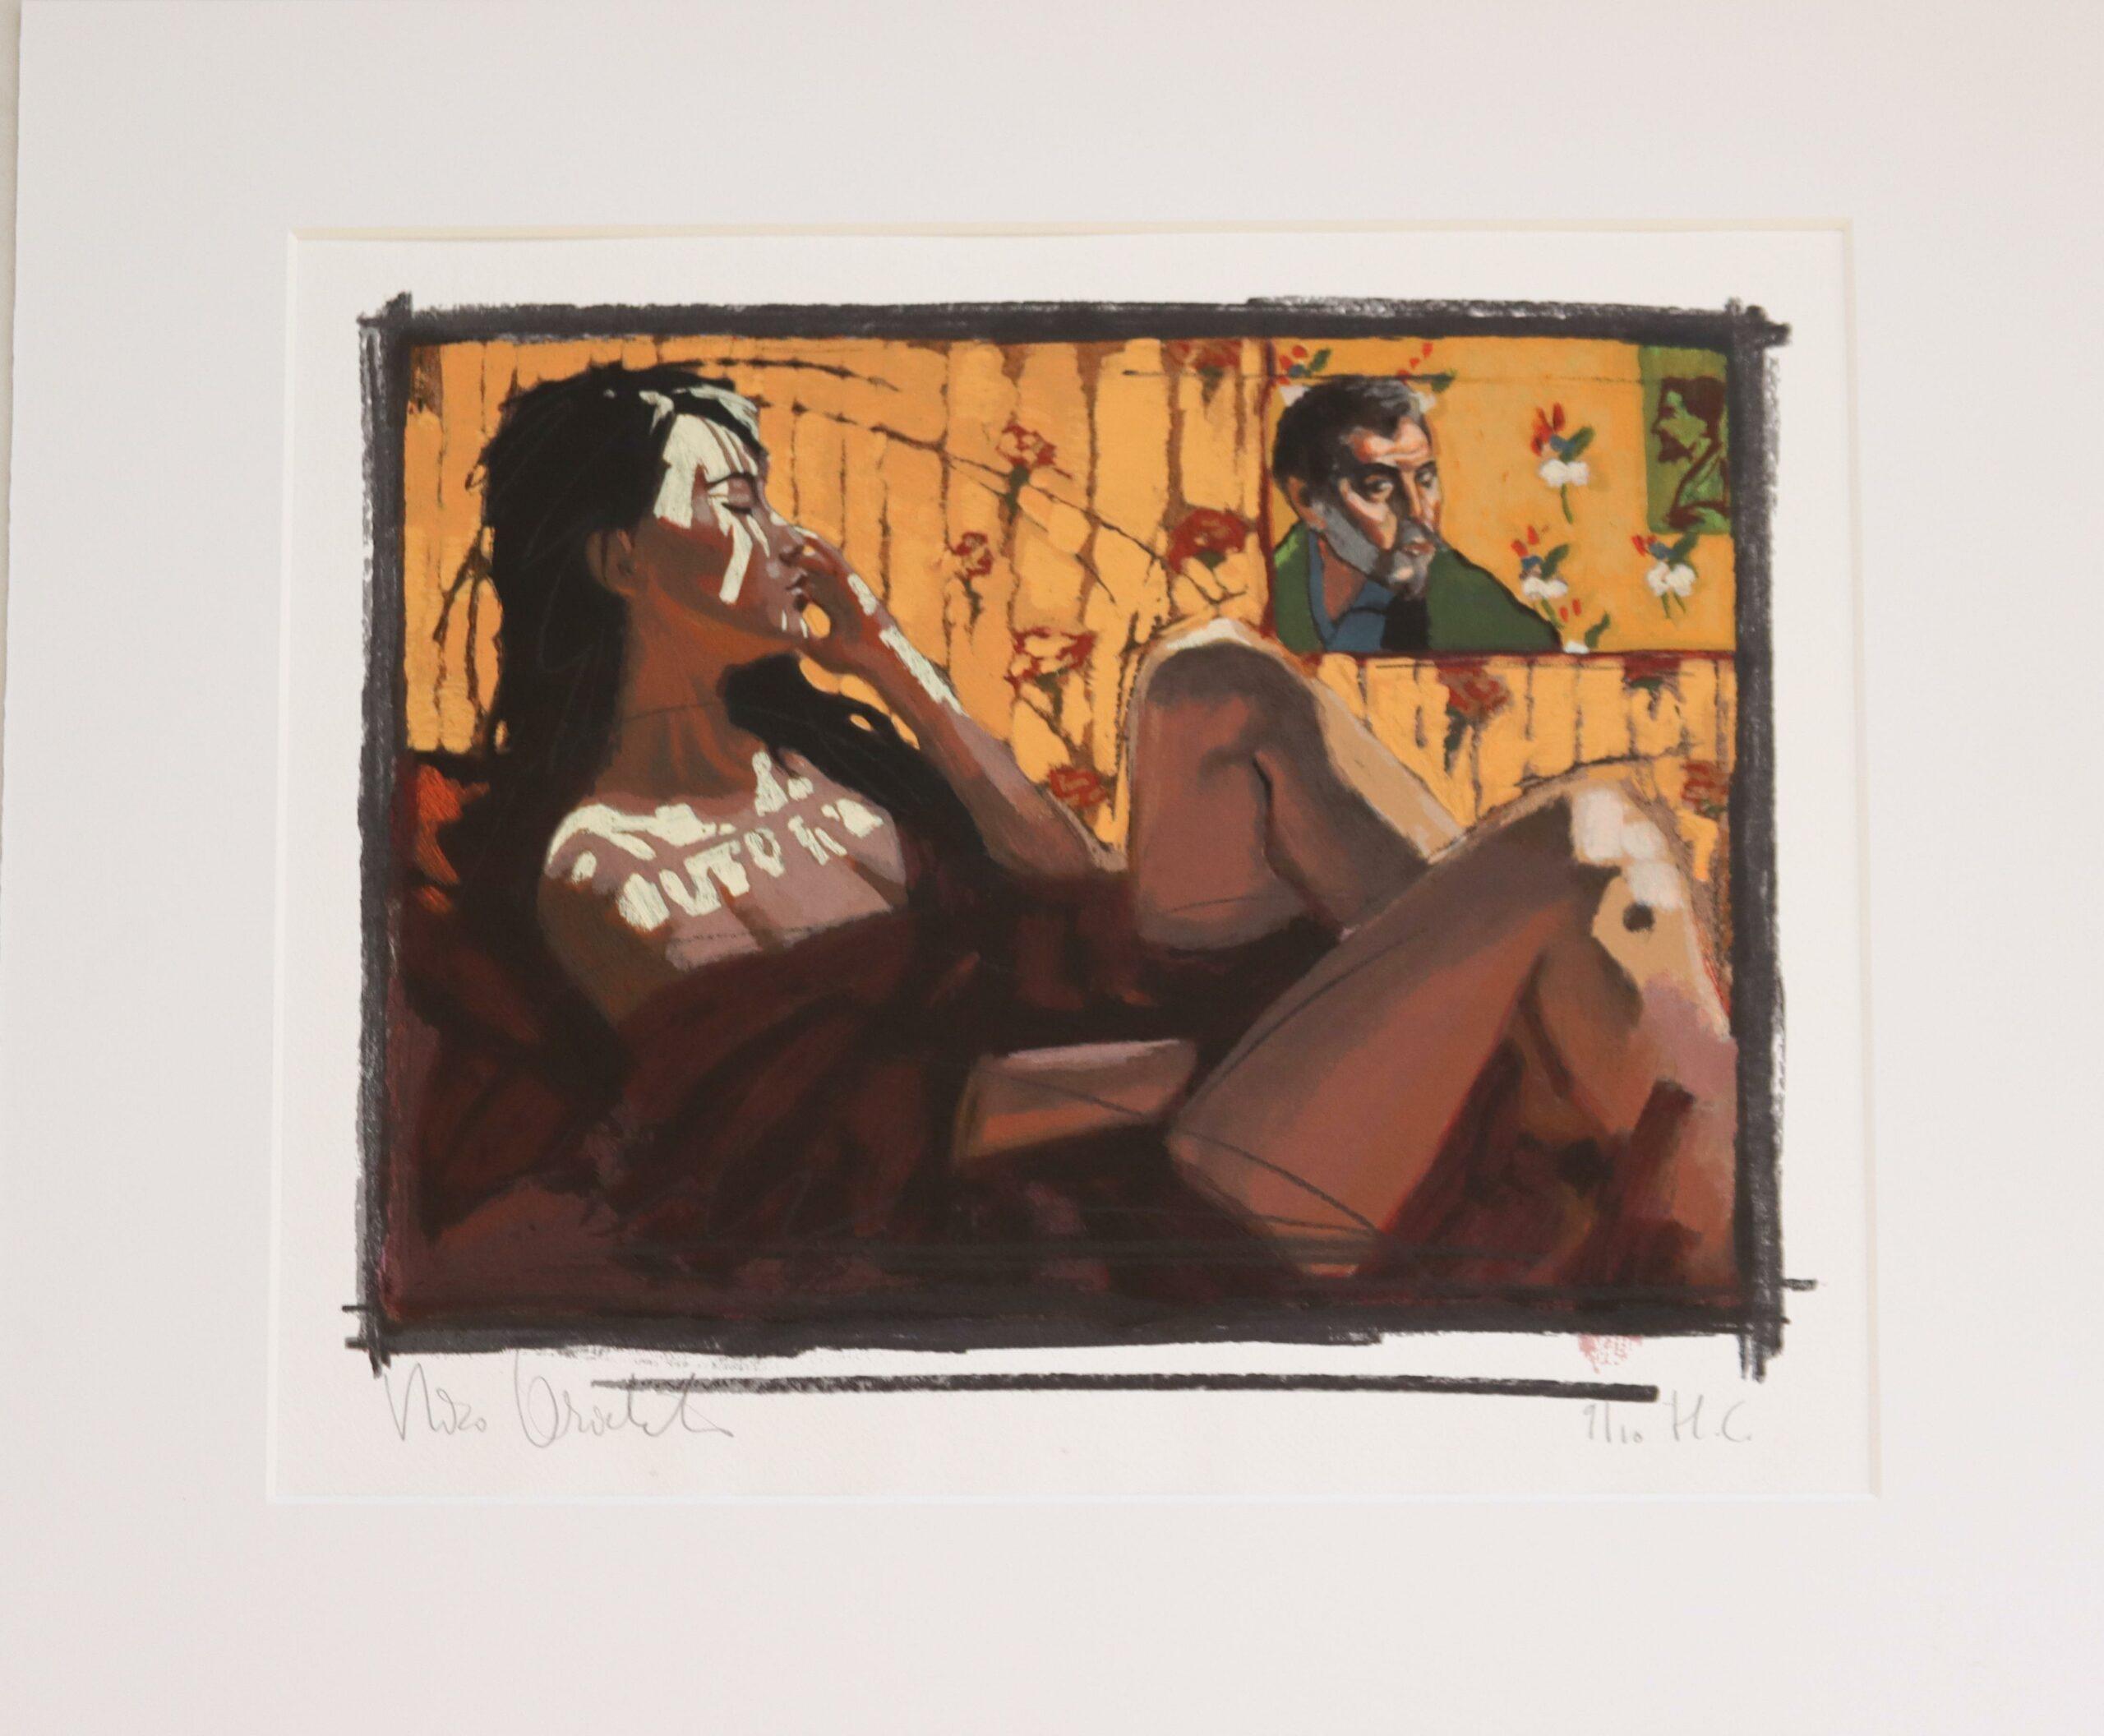 Vrielink, Nico, Kunst, Galerie Voigt, Nürnberg